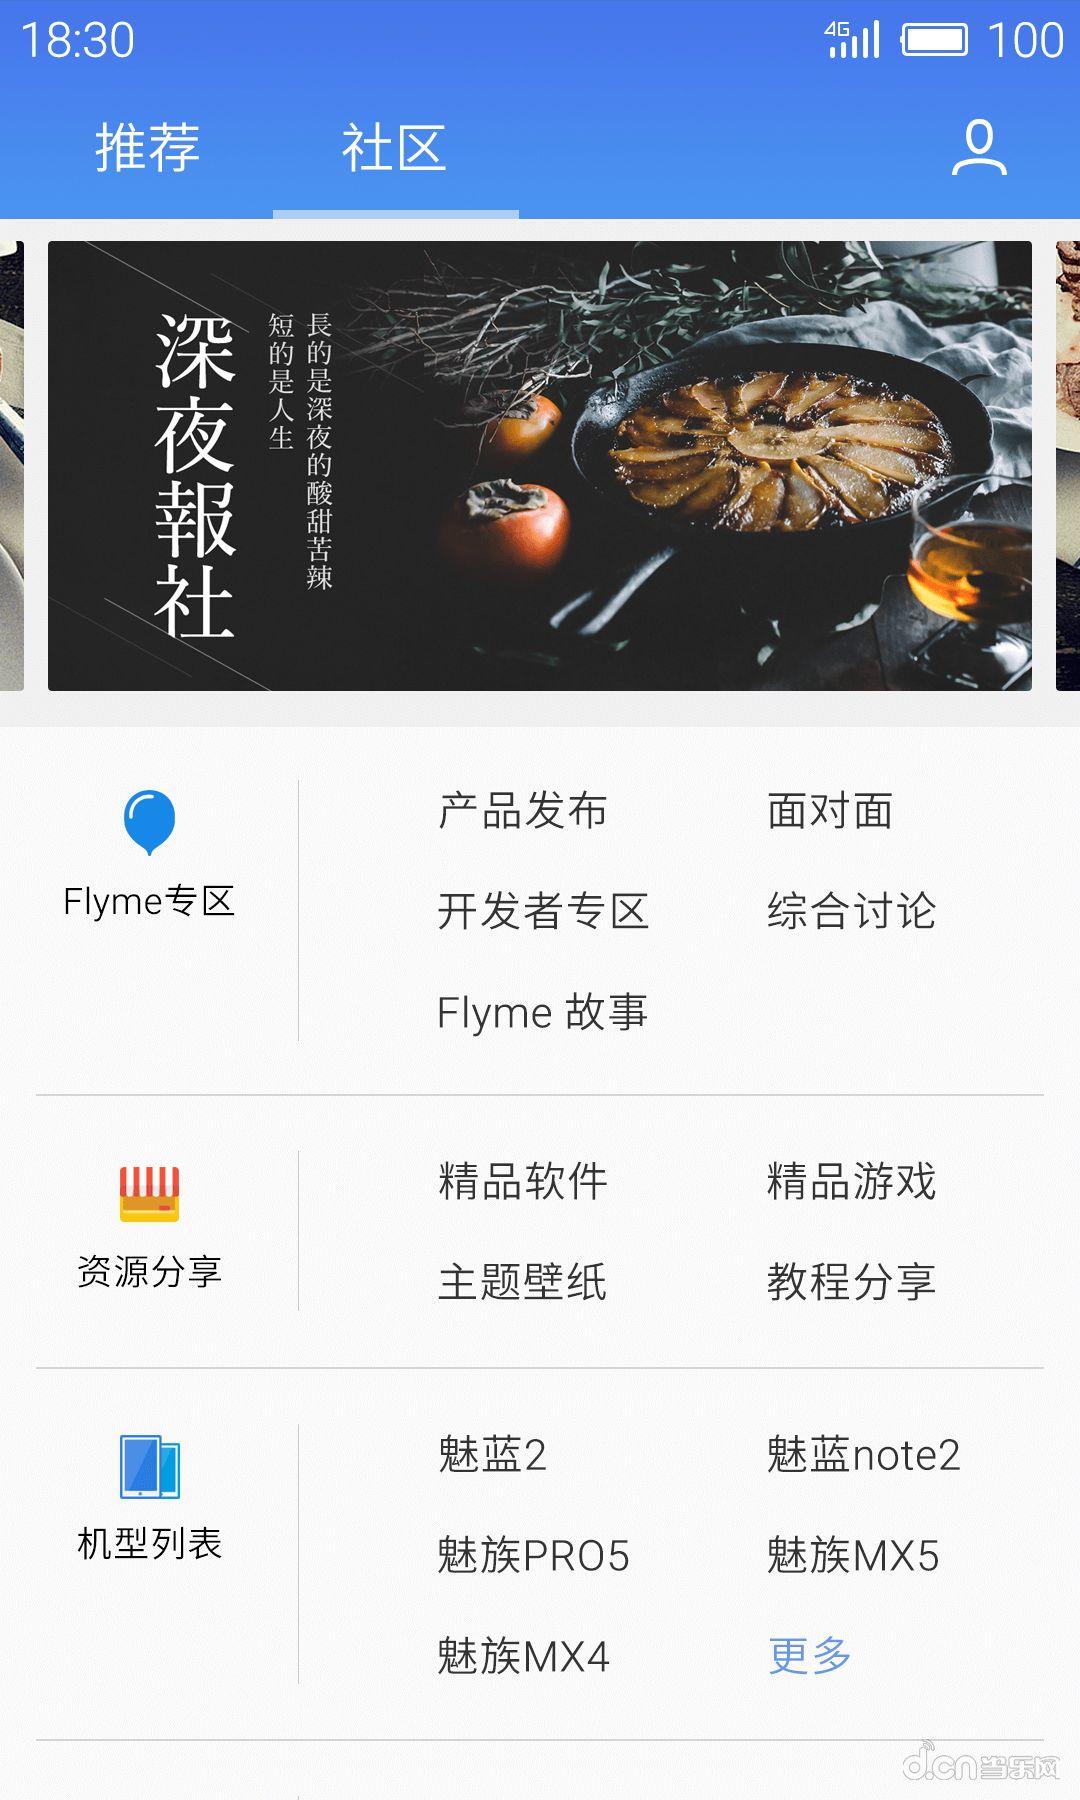 0.5安卓版下载_flyme社区